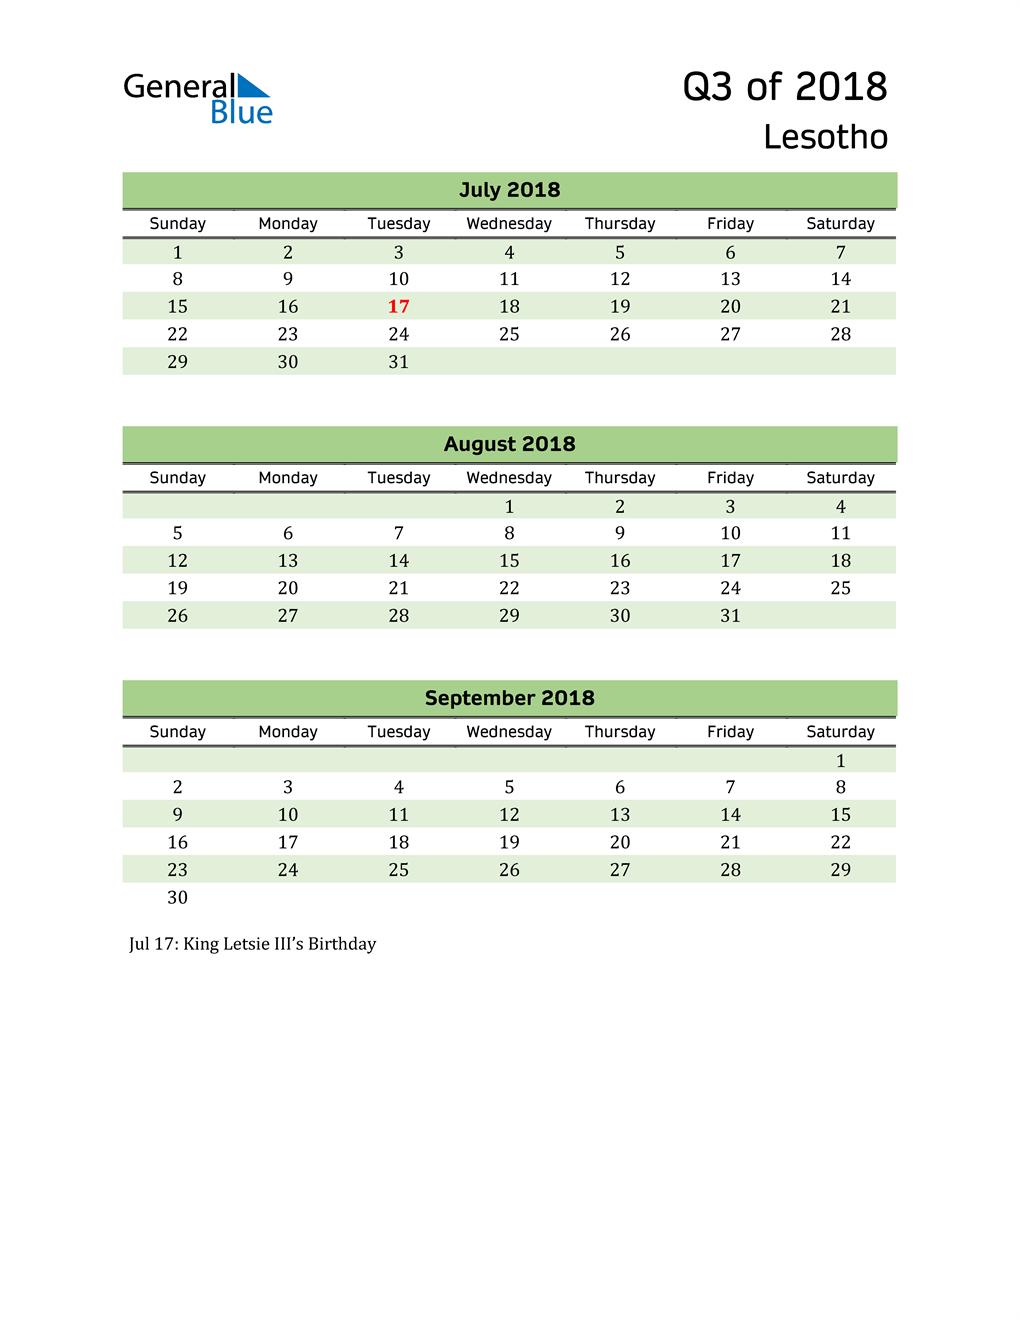 Quarterly Calendar 2018 with Lesotho Holidays